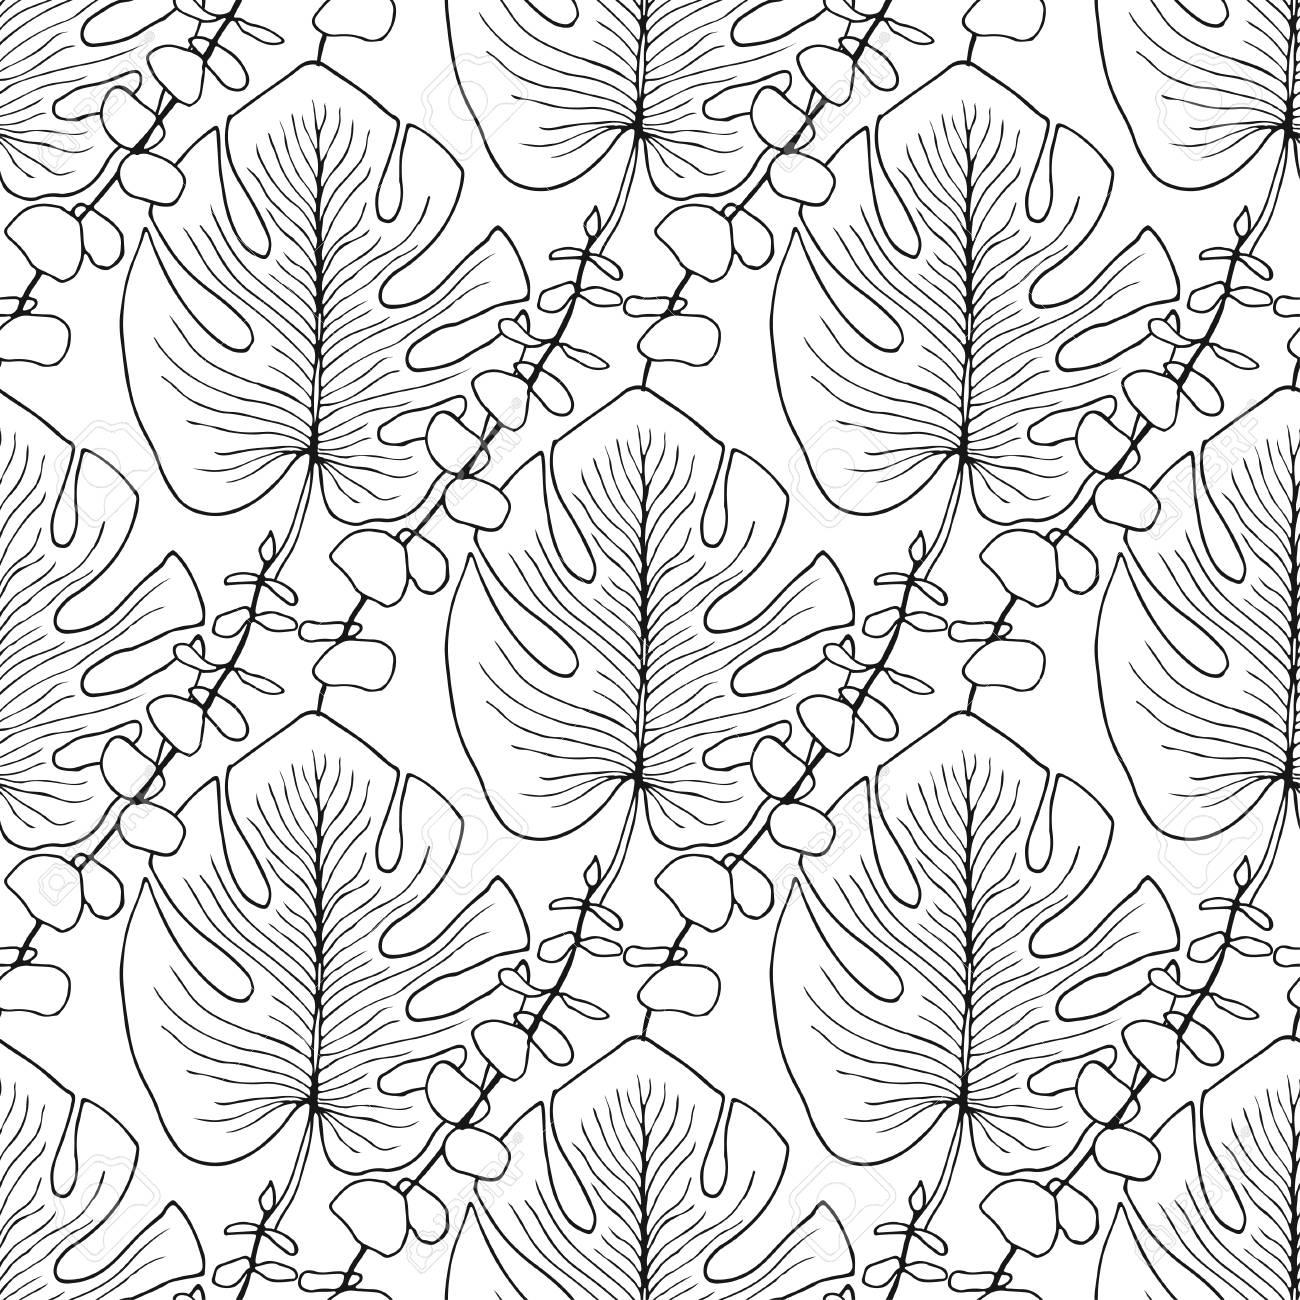 Coloriage Adulte Ete.Tropical Leaves Pattern Seamless Pour La Page De Livre De Coloriage Adulte Ou Interieur Conception D Impression D Ete